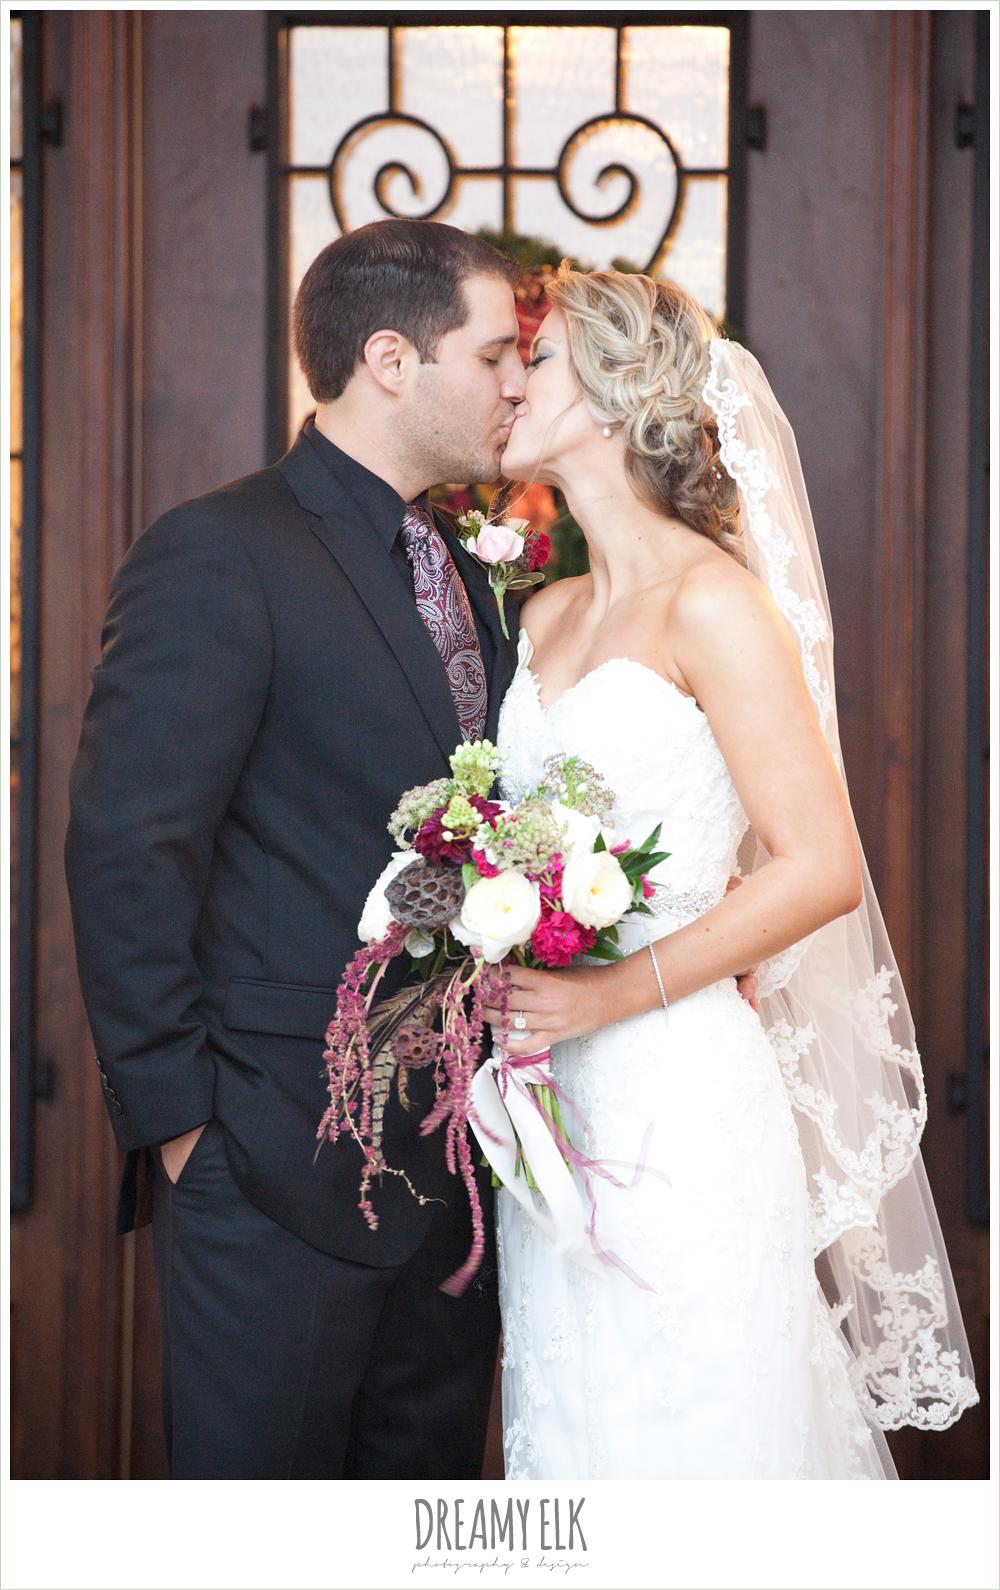 lauren & jared, the wedding photo contest